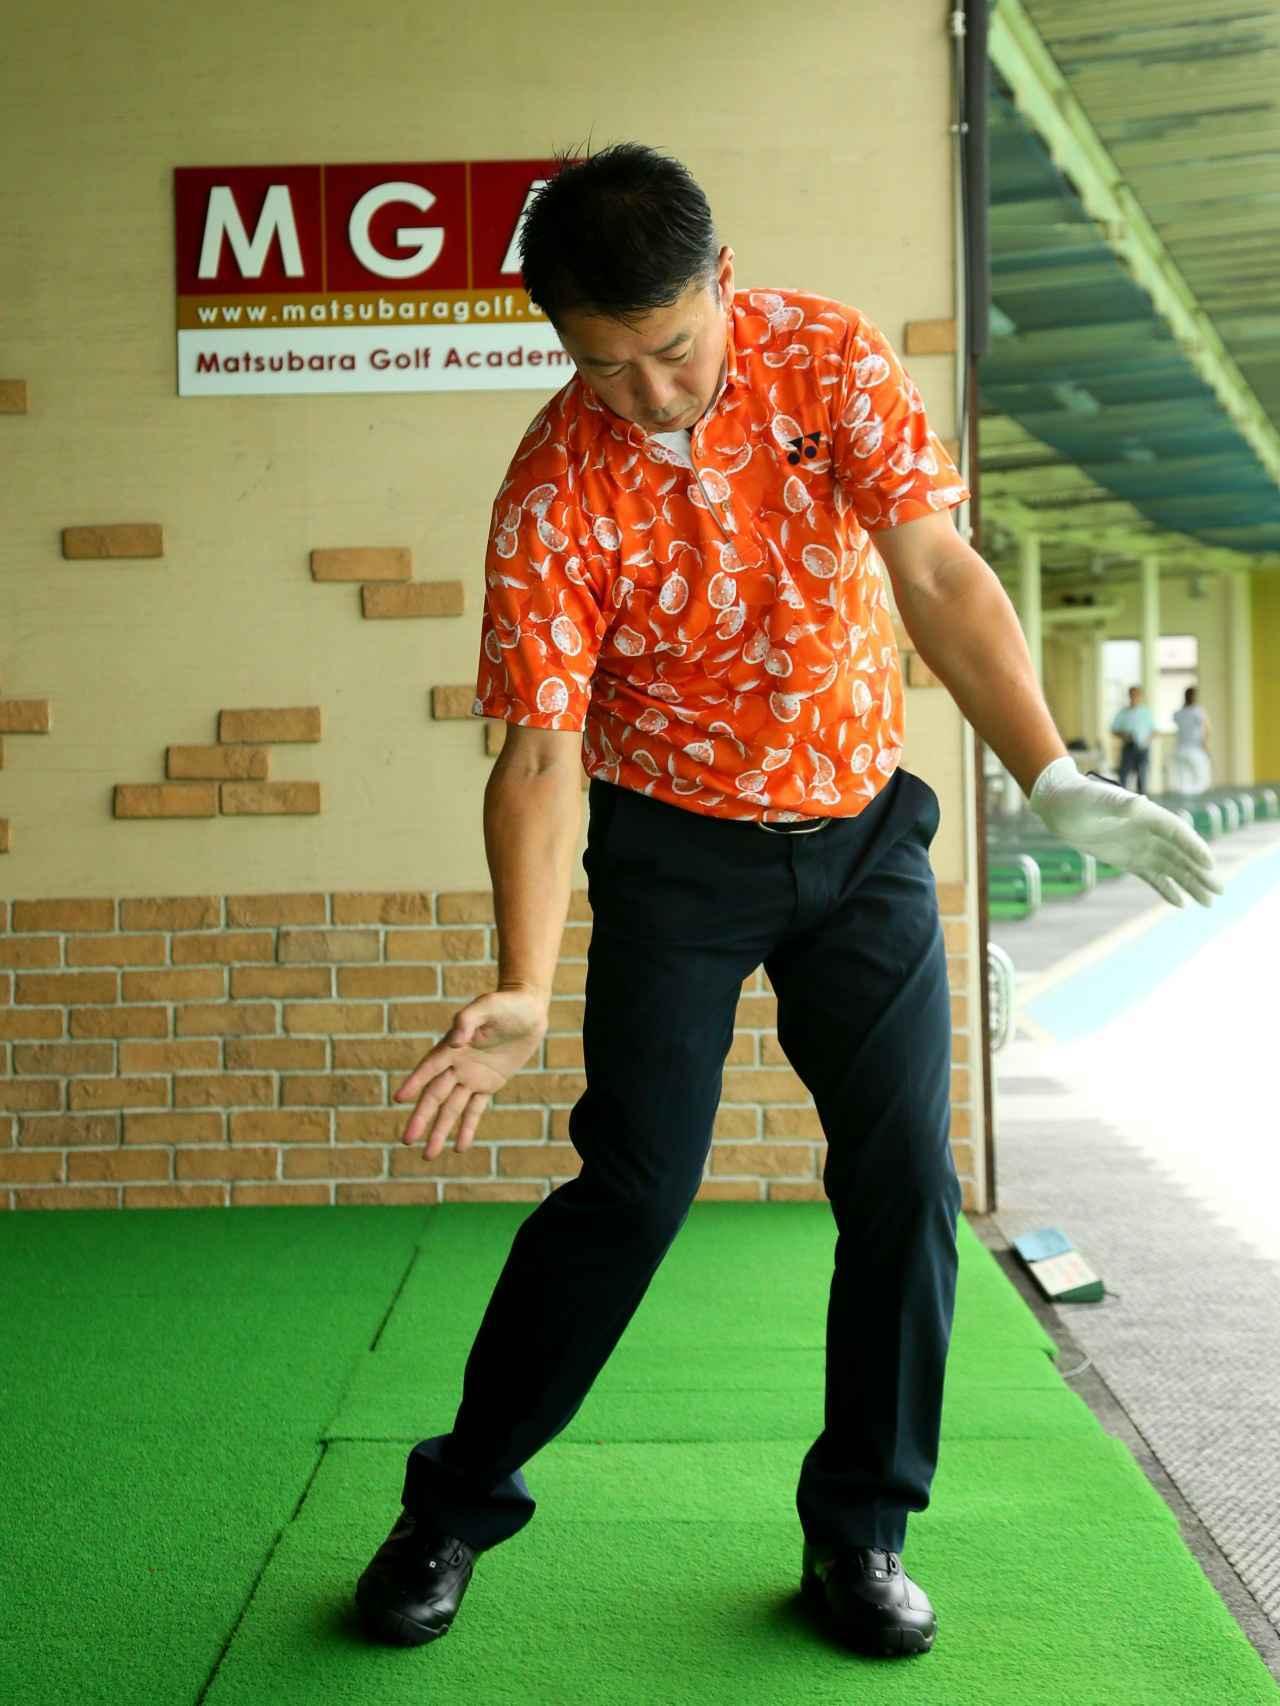 画像11: 【練習方法】プレー前夜、練習場に駆け込んだらコレ! アベレージゴルファーのための「ラウンド前の一夜漬け練習」